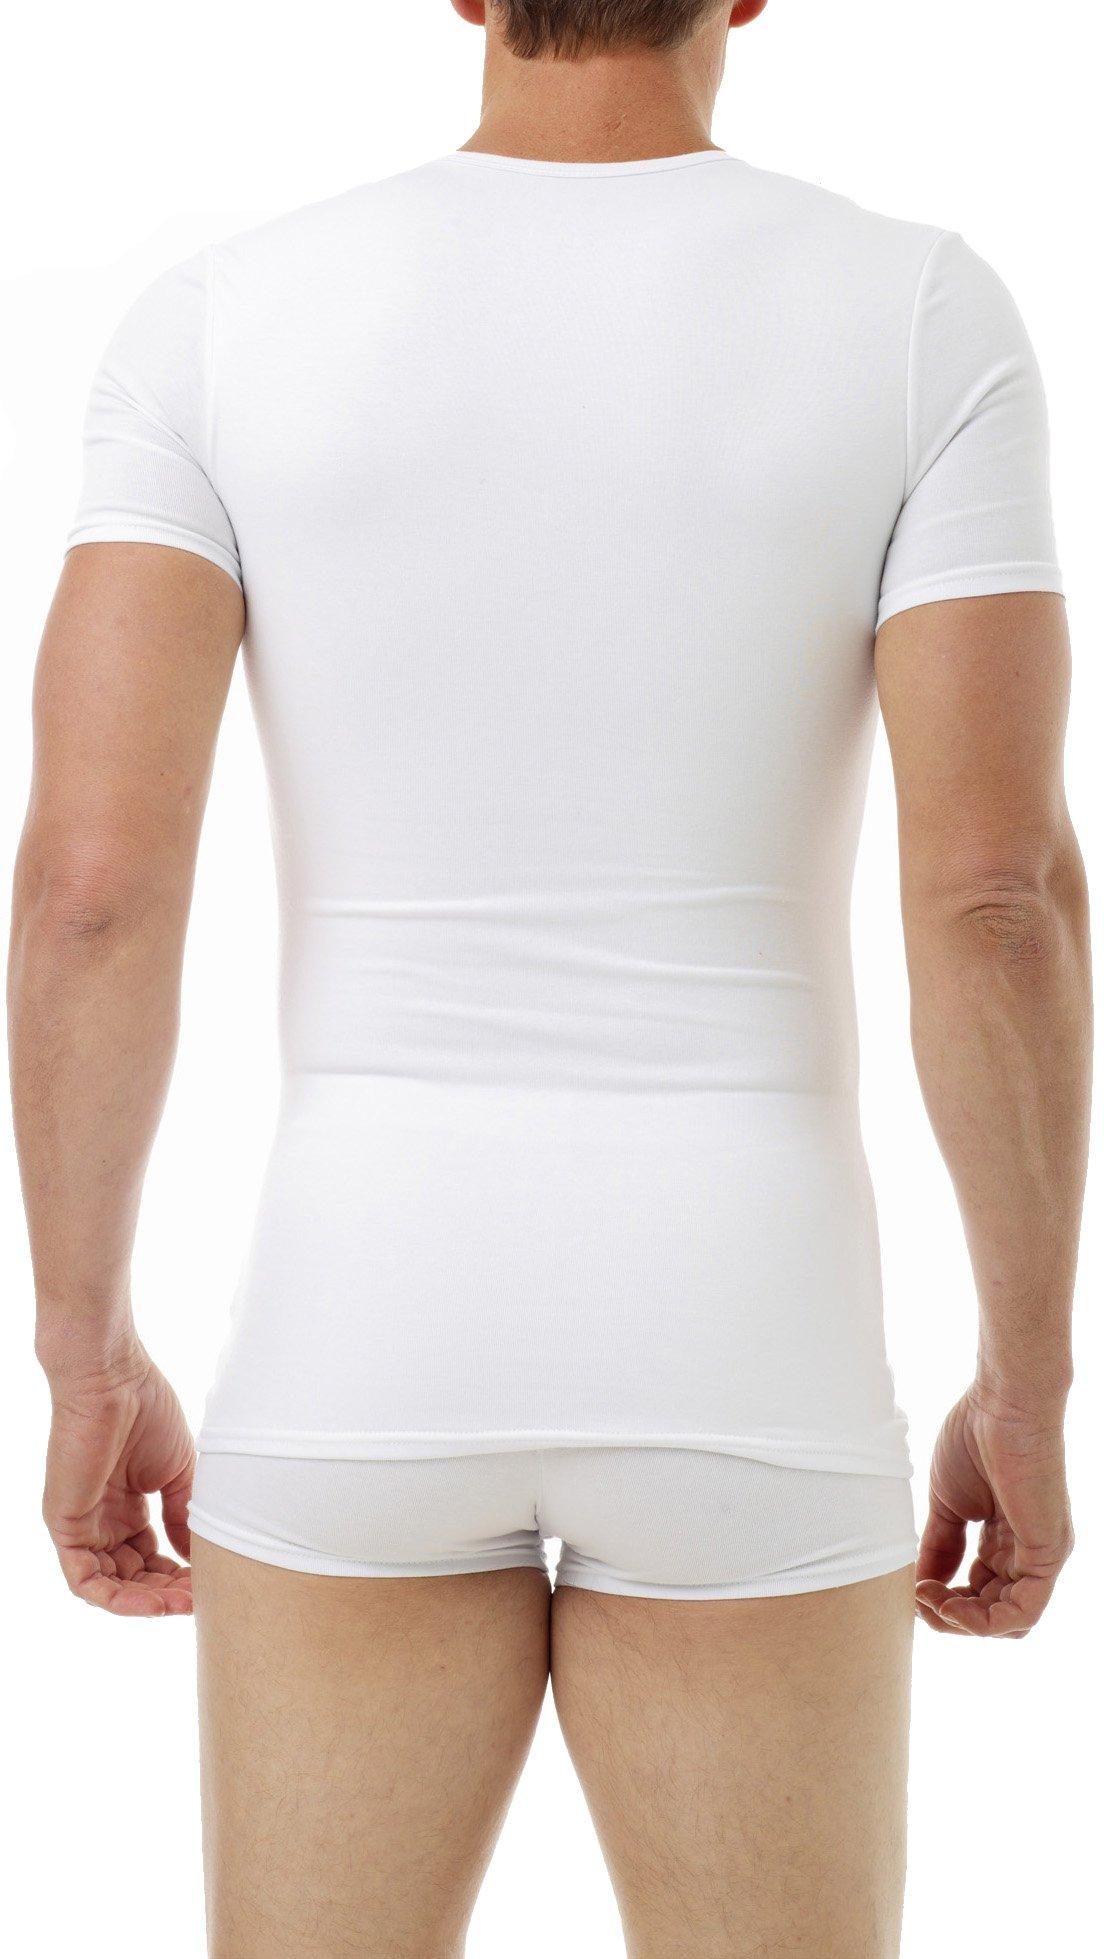 Underworks Cotton Concealer Compression V-neck T-shirt 3-pack Top, Large, White by Underworks (Image #3)